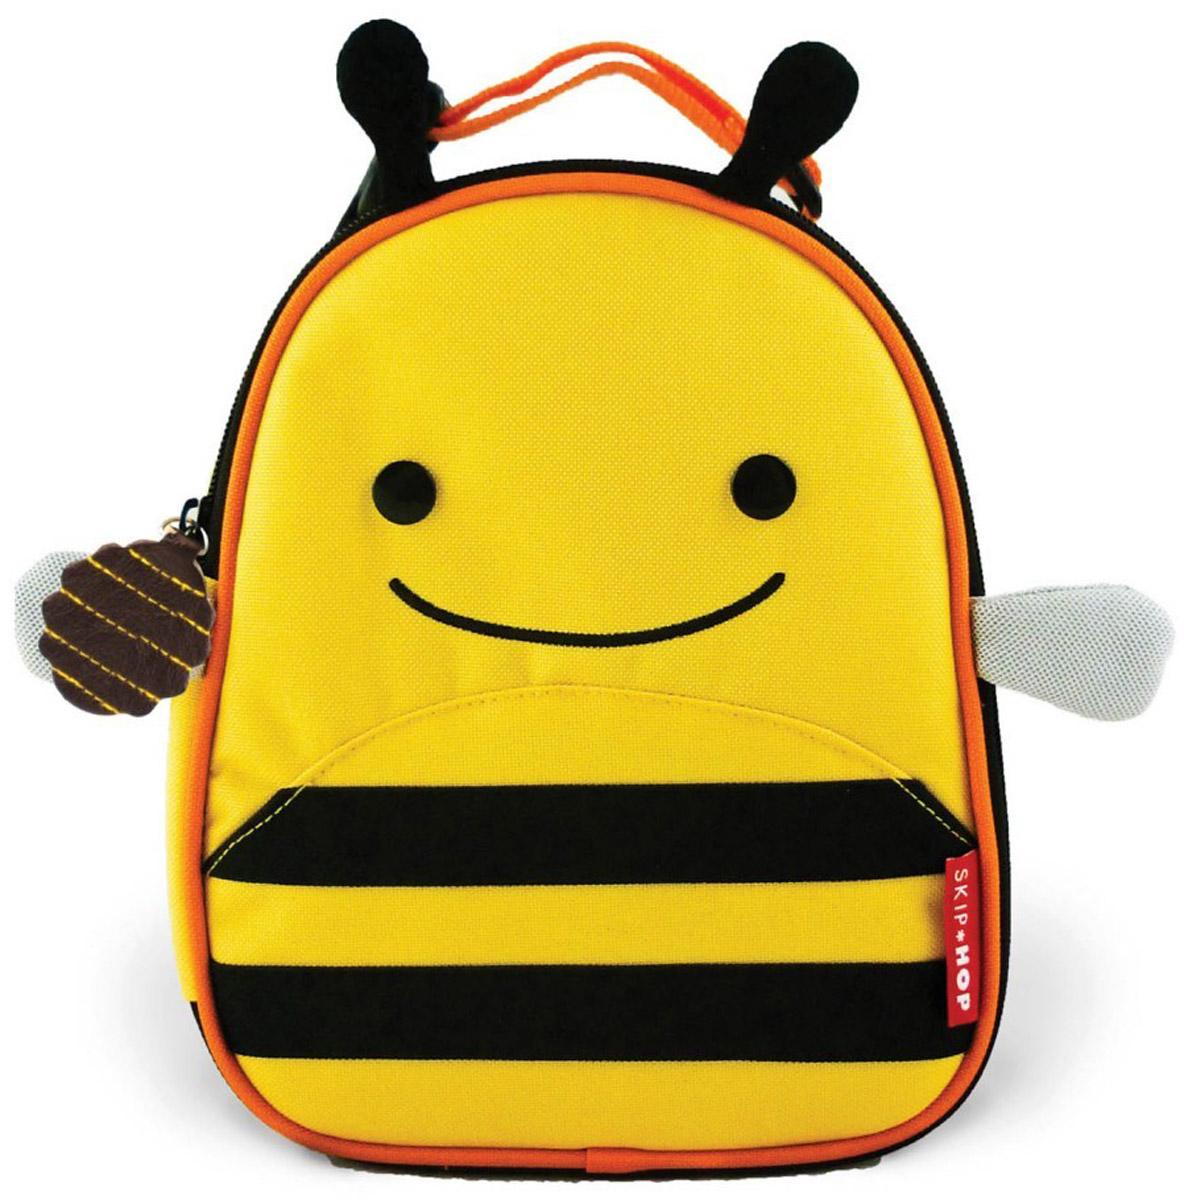 Skip Hop Сумка ланч-бокс детская Пчелка21395599Превосходный ланч-бокс Skip Hop Пчелка отлично сохранит свежесть и вкус продуктов для вашего ребёнка. Сумка с одним отделением изготовлена из прочного текстиля. Лицевая сторона декорирована изображением улыбающейся пчелки с крылышками и торчащими усиками-рожками. Внутренняя поверхность отделана термоизоляционным материалом, благодаря которому продукты дольше остаются свежими. Изделие закрывается на пластиковую застежку-молнию с удобным держателем на бегунке. Внутри имеется сетчатый карман для хранения аксессуаров и текстильная нашивка для записи имени владельца сумки. Ланч-бокс дополнен удобной текстильной ручкой с регулируемой длиной и пластиковым карабином. Такая сумка ланч-бокс пригодится везде: на прогулке, во время учебы, на отдыхе, во время путешествий.